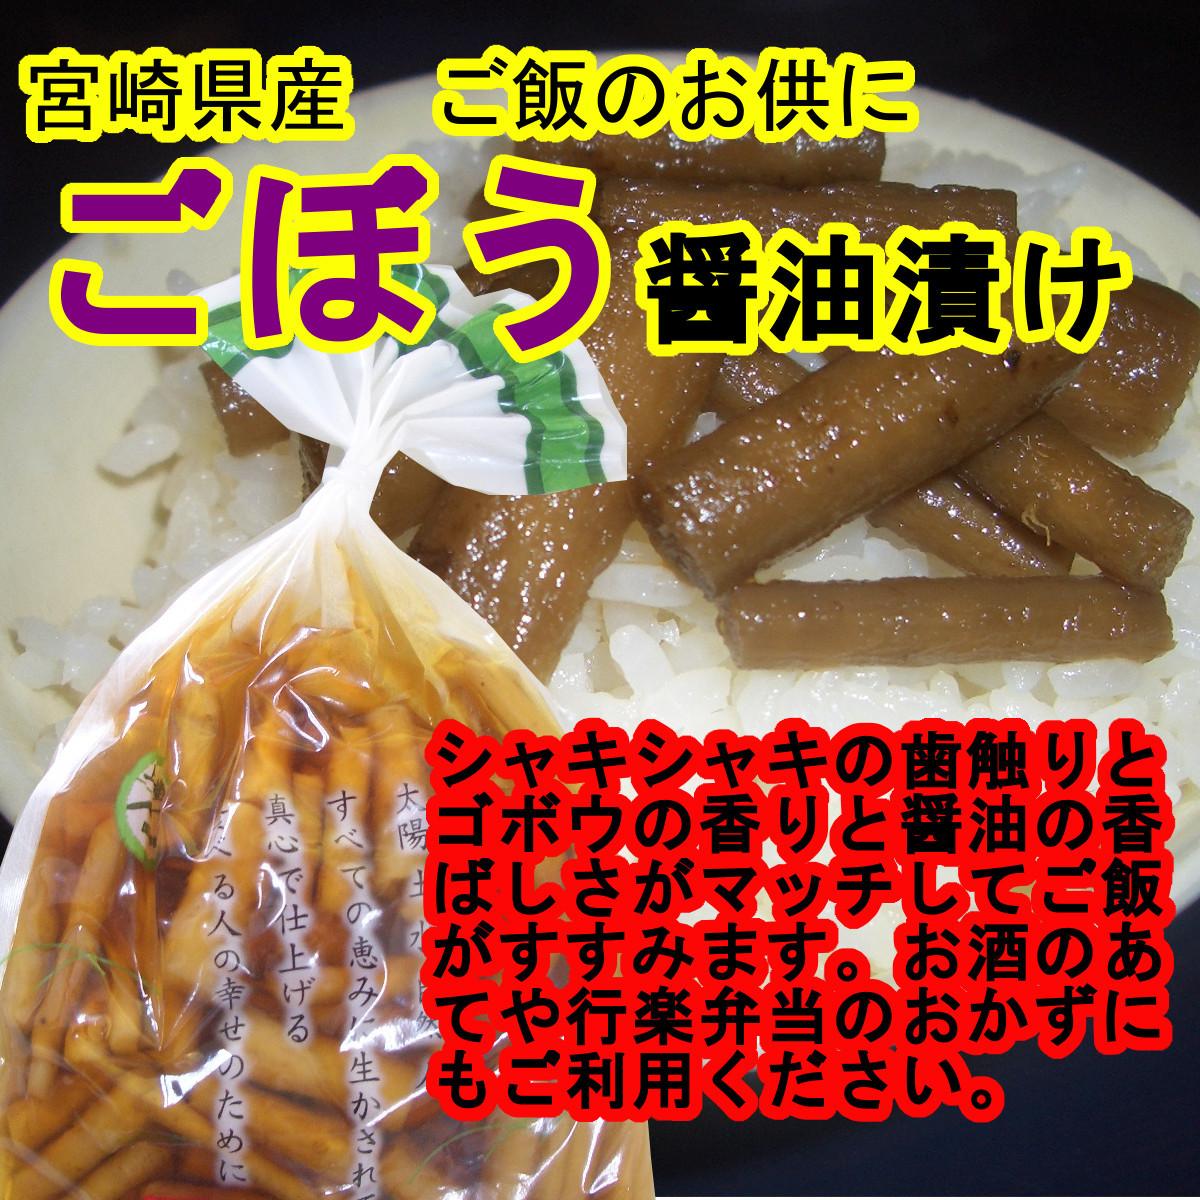 ゴボウの醤油漬け 20袋 ご飯のお供 宮崎県産ゴボウの漬物 おかず おつまみ お茶うけ 色んな料理の付合わせに 食べてスッキリ 送料無料 _画像3